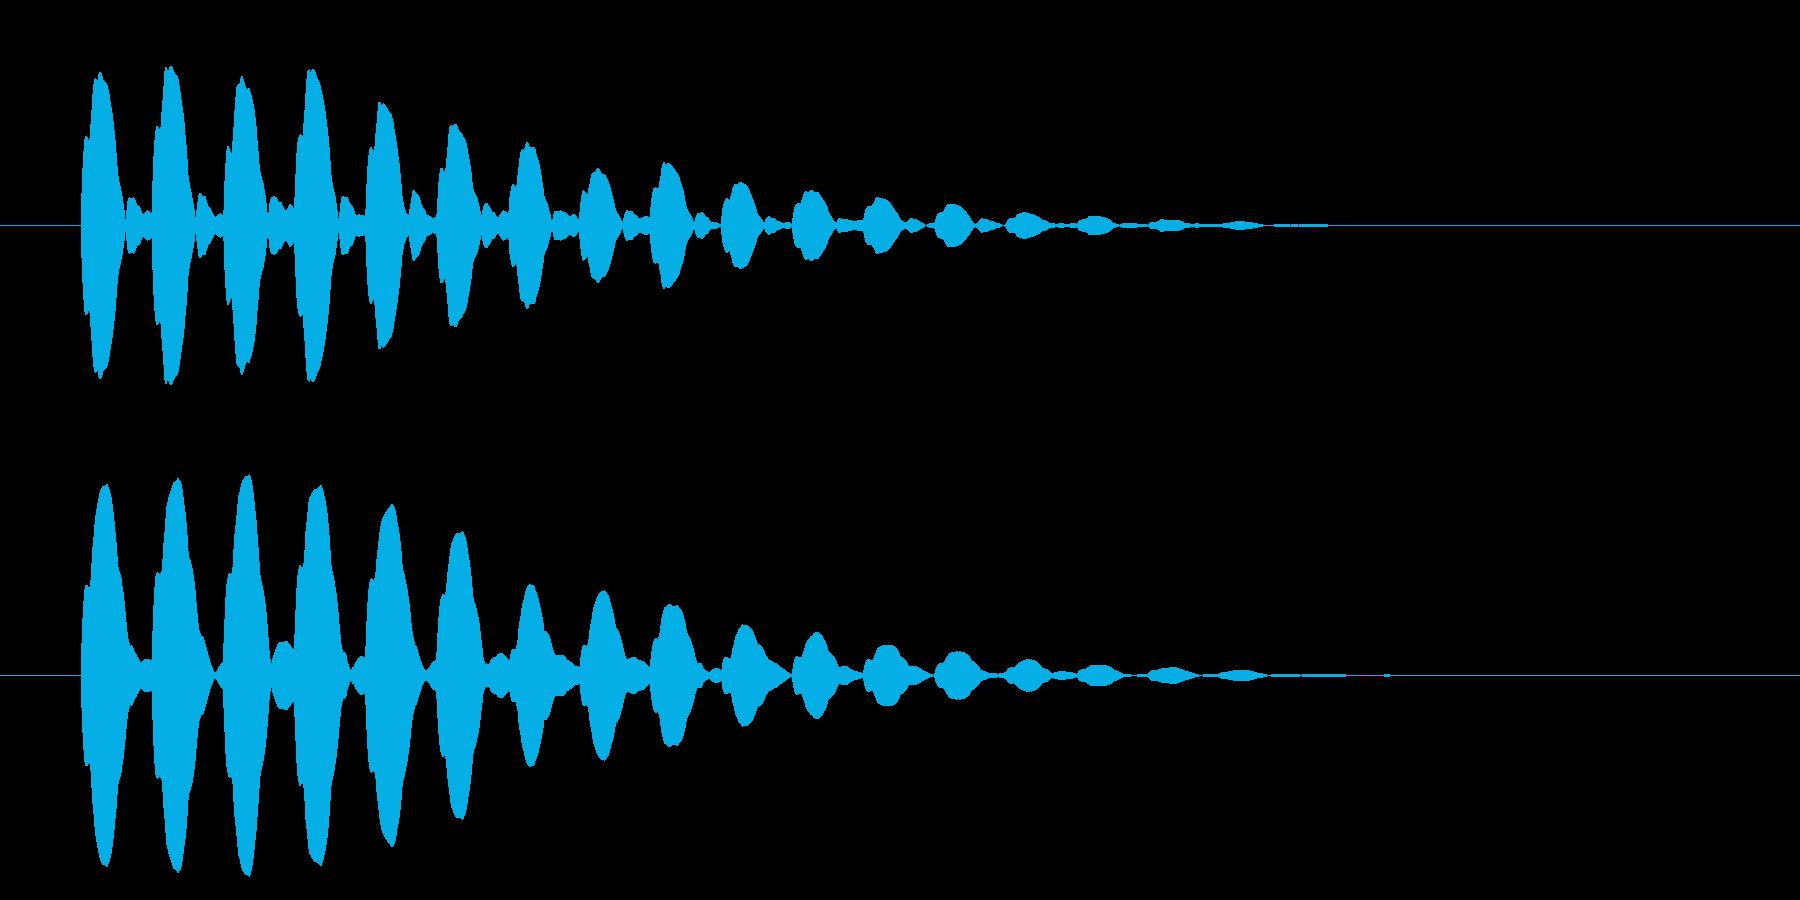 横断歩道 誘導音03-6の再生済みの波形